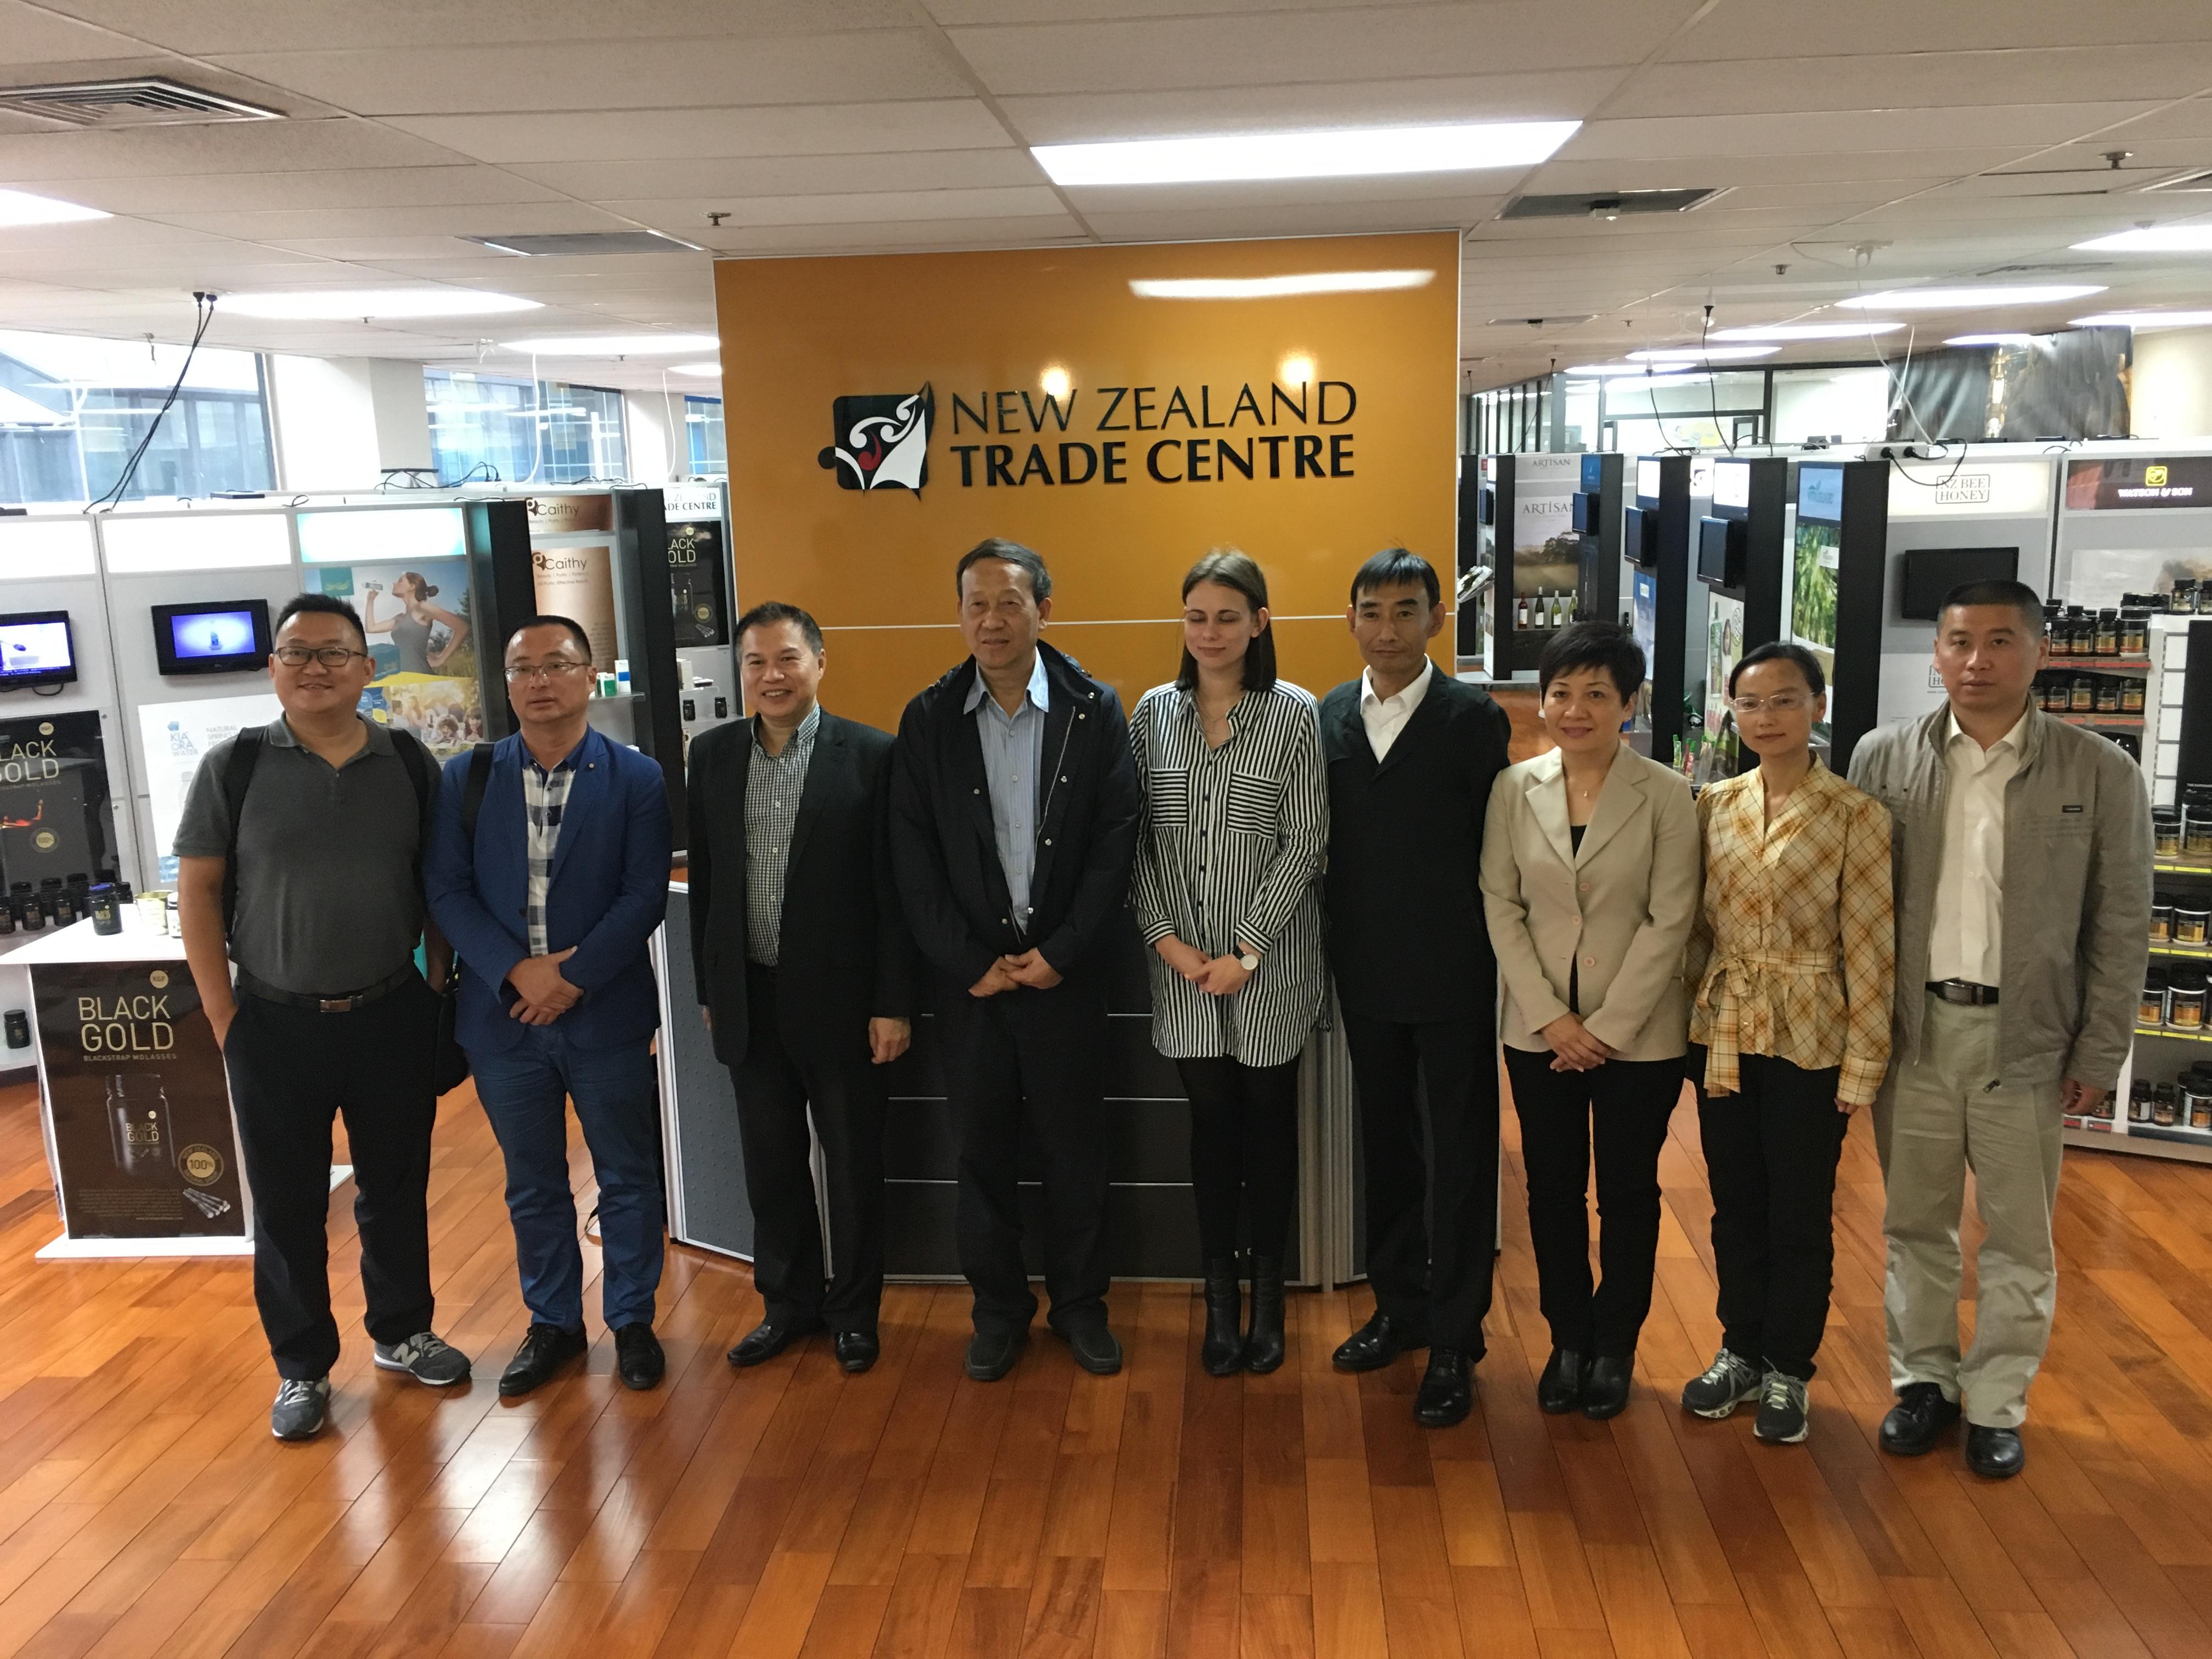 云南省保山市政府代表团访问新西兰贸易中心